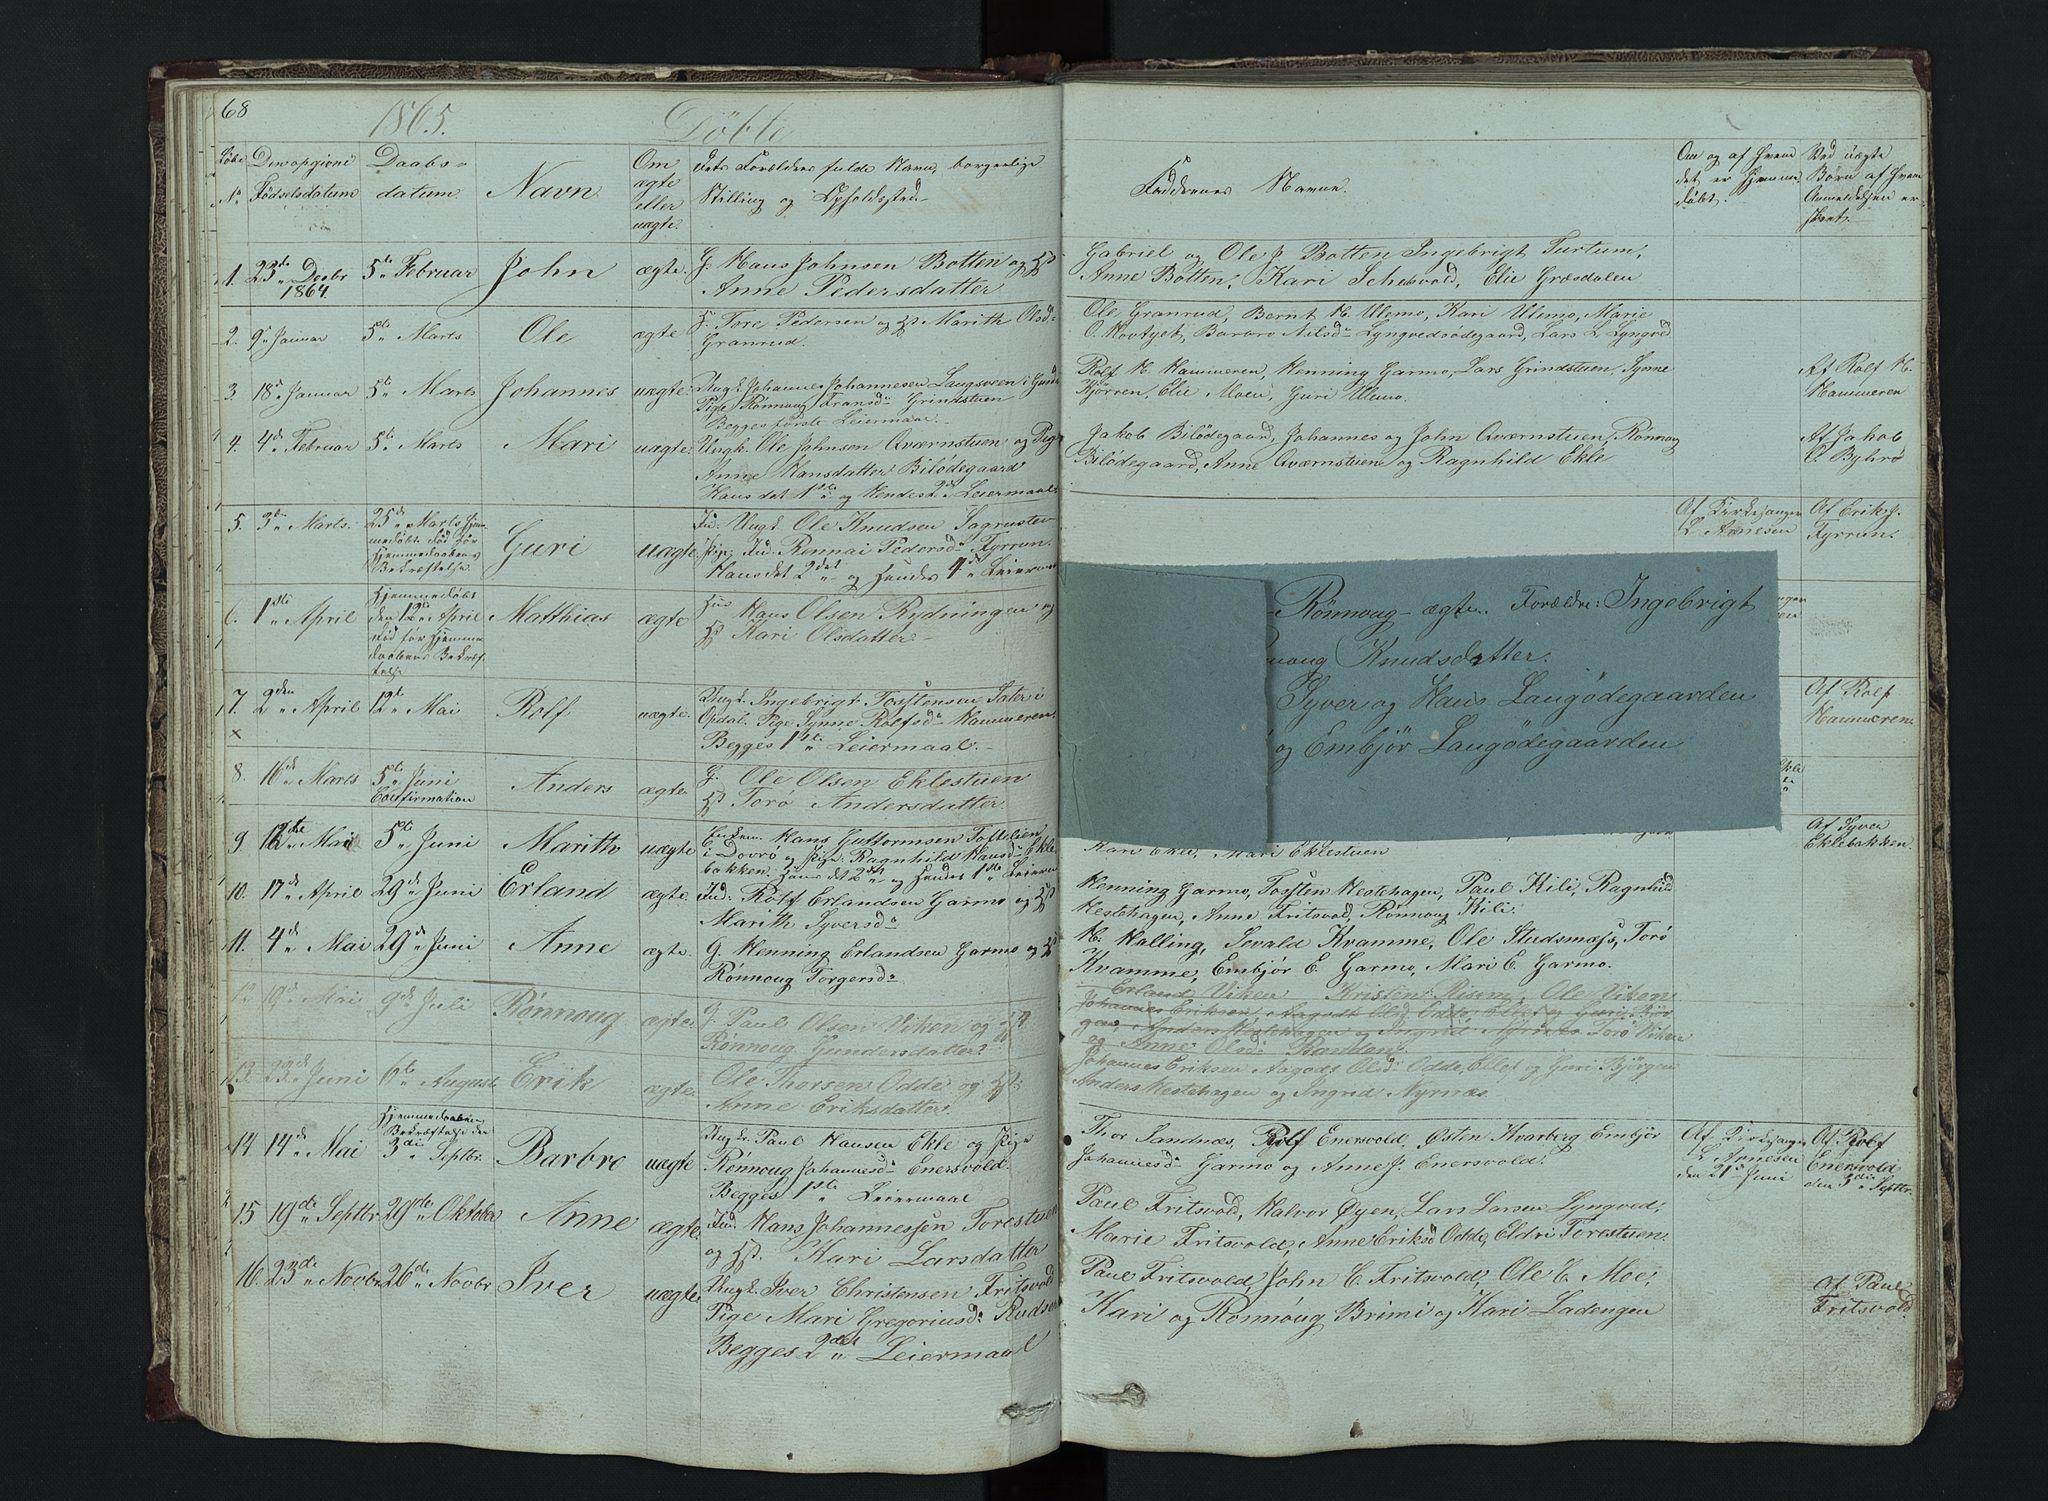 SAH, Lom prestekontor, L/L0014: Klokkerbok nr. 14, 1845-1876, s. 68-69